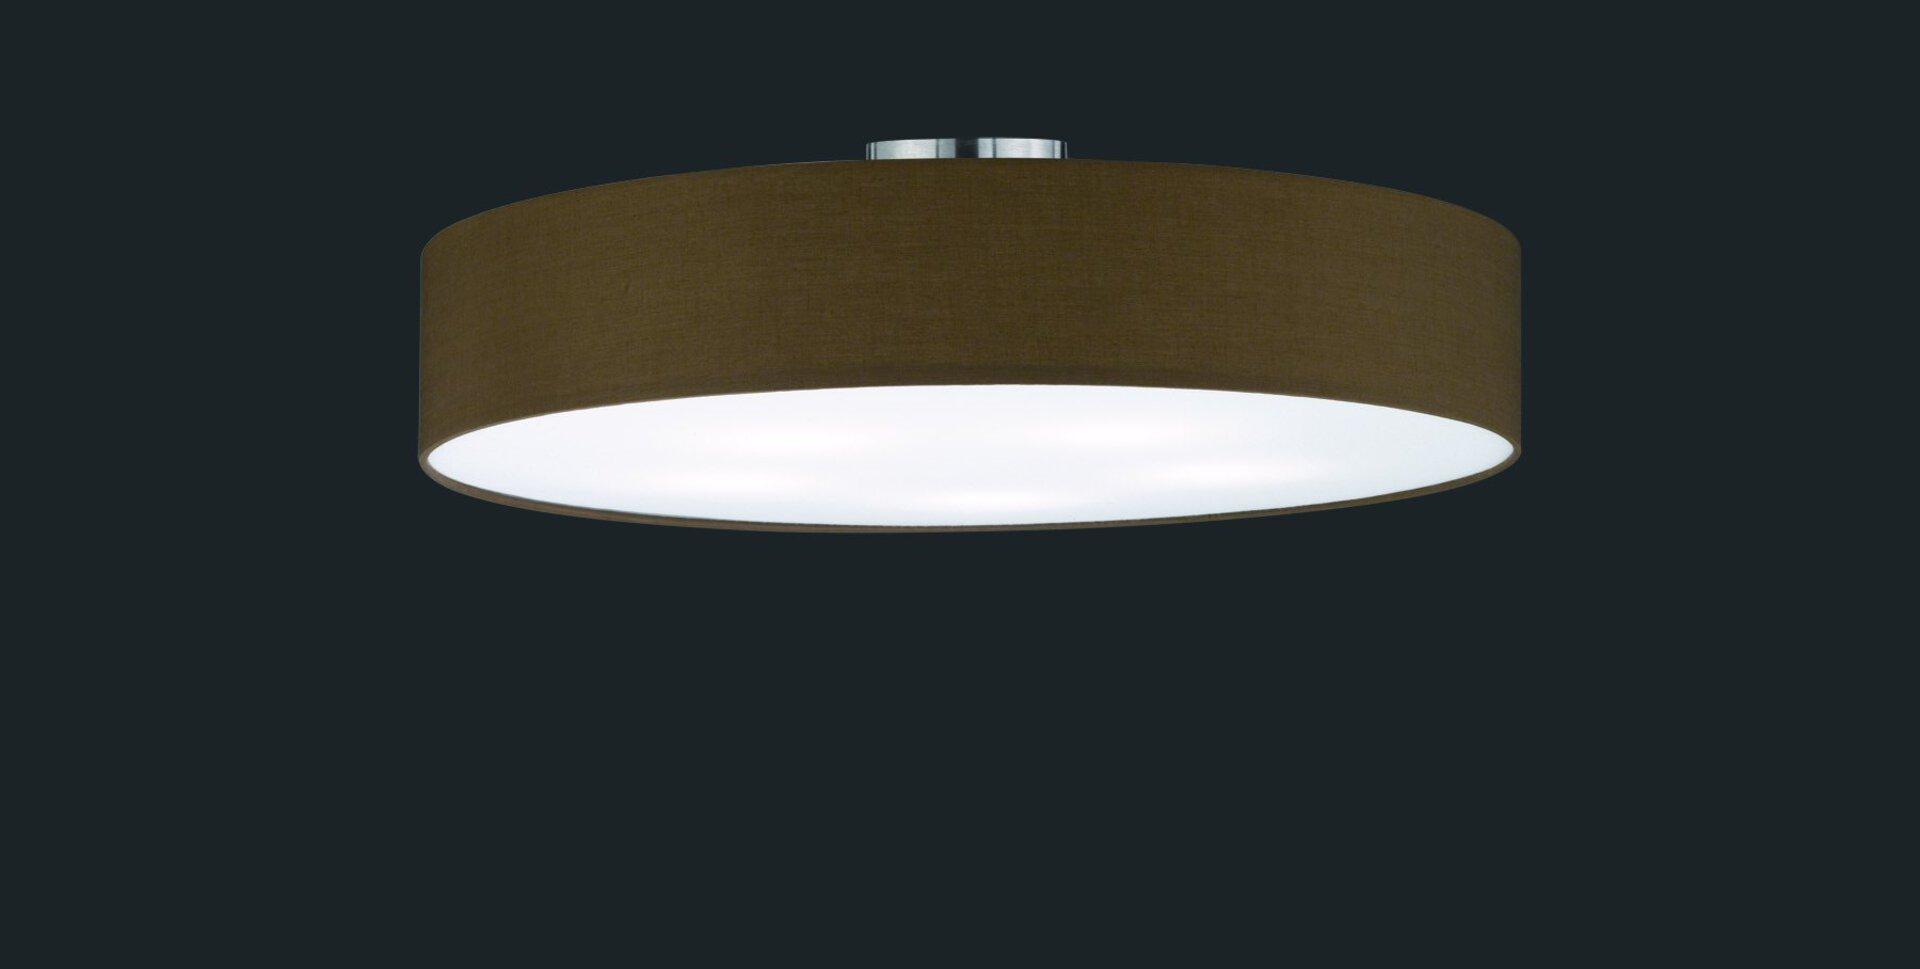 Deckenleuchte Hotel Trio Leuchten Metall 65 x 17 x 65 cm